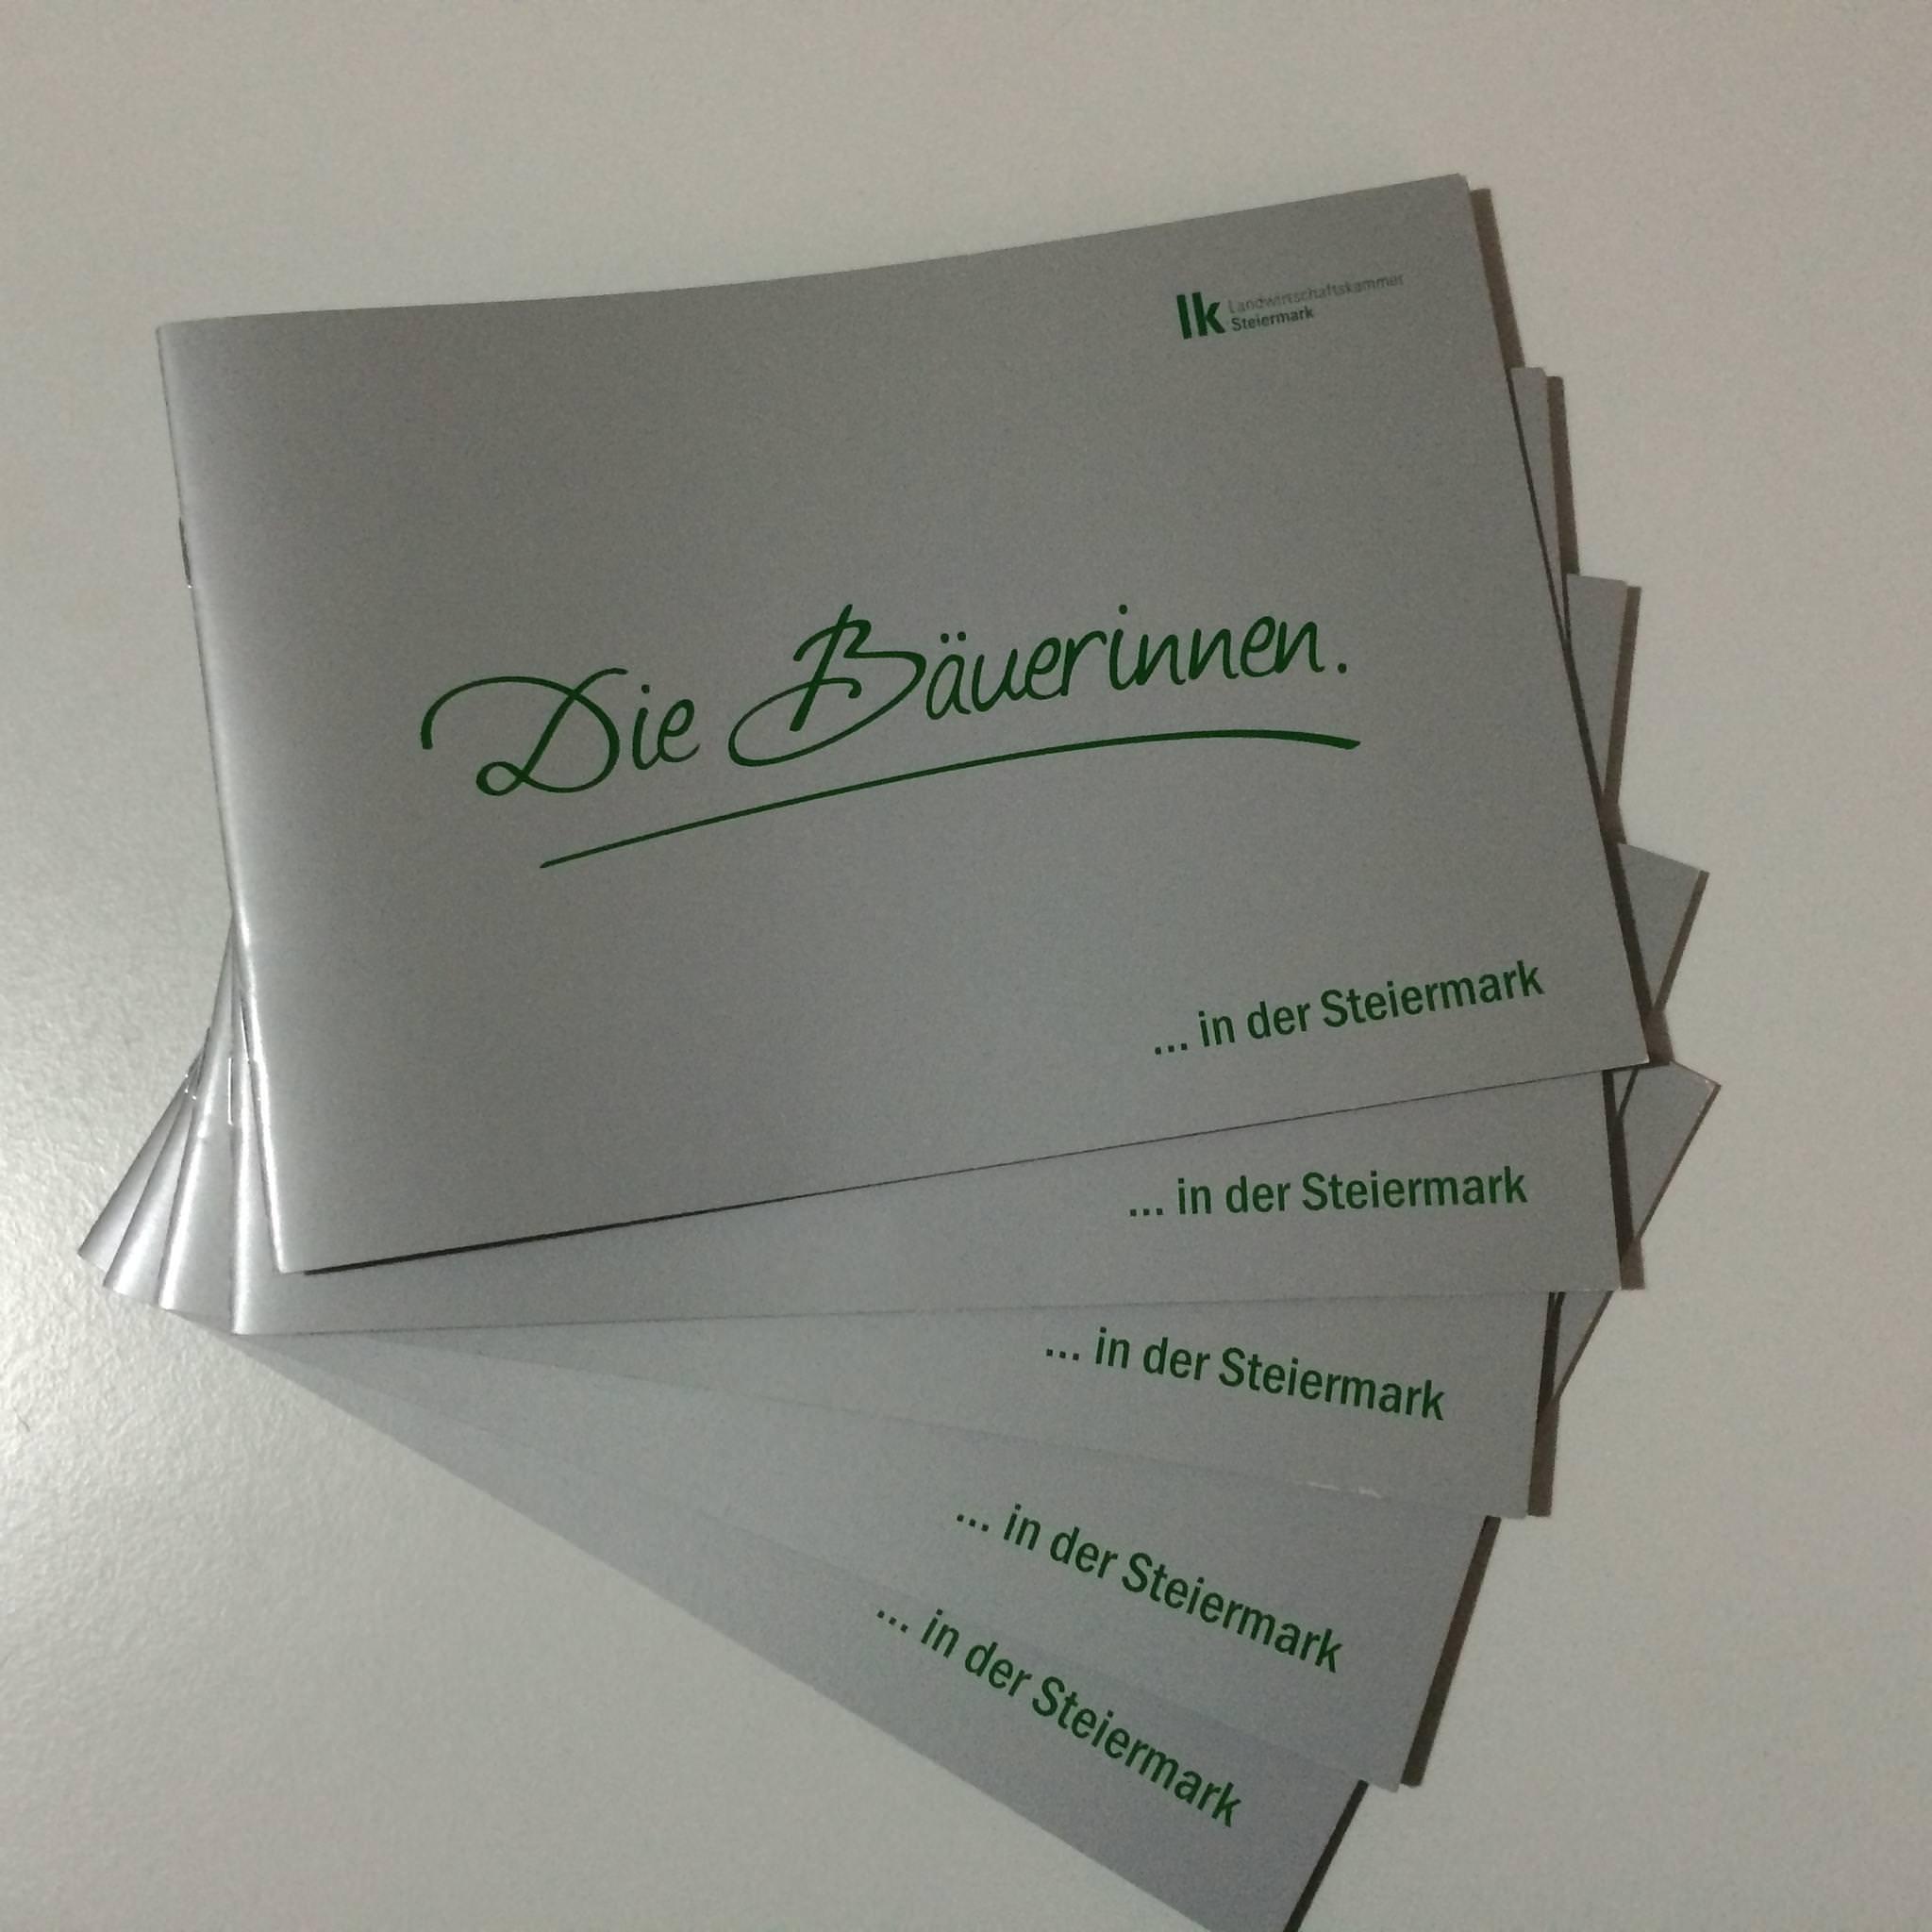 Authentisches Selbstverständnis, anpackend am Puls der Zeit: Neupositionierung, Wording neu, Landwirtschaftskammer Steiermark